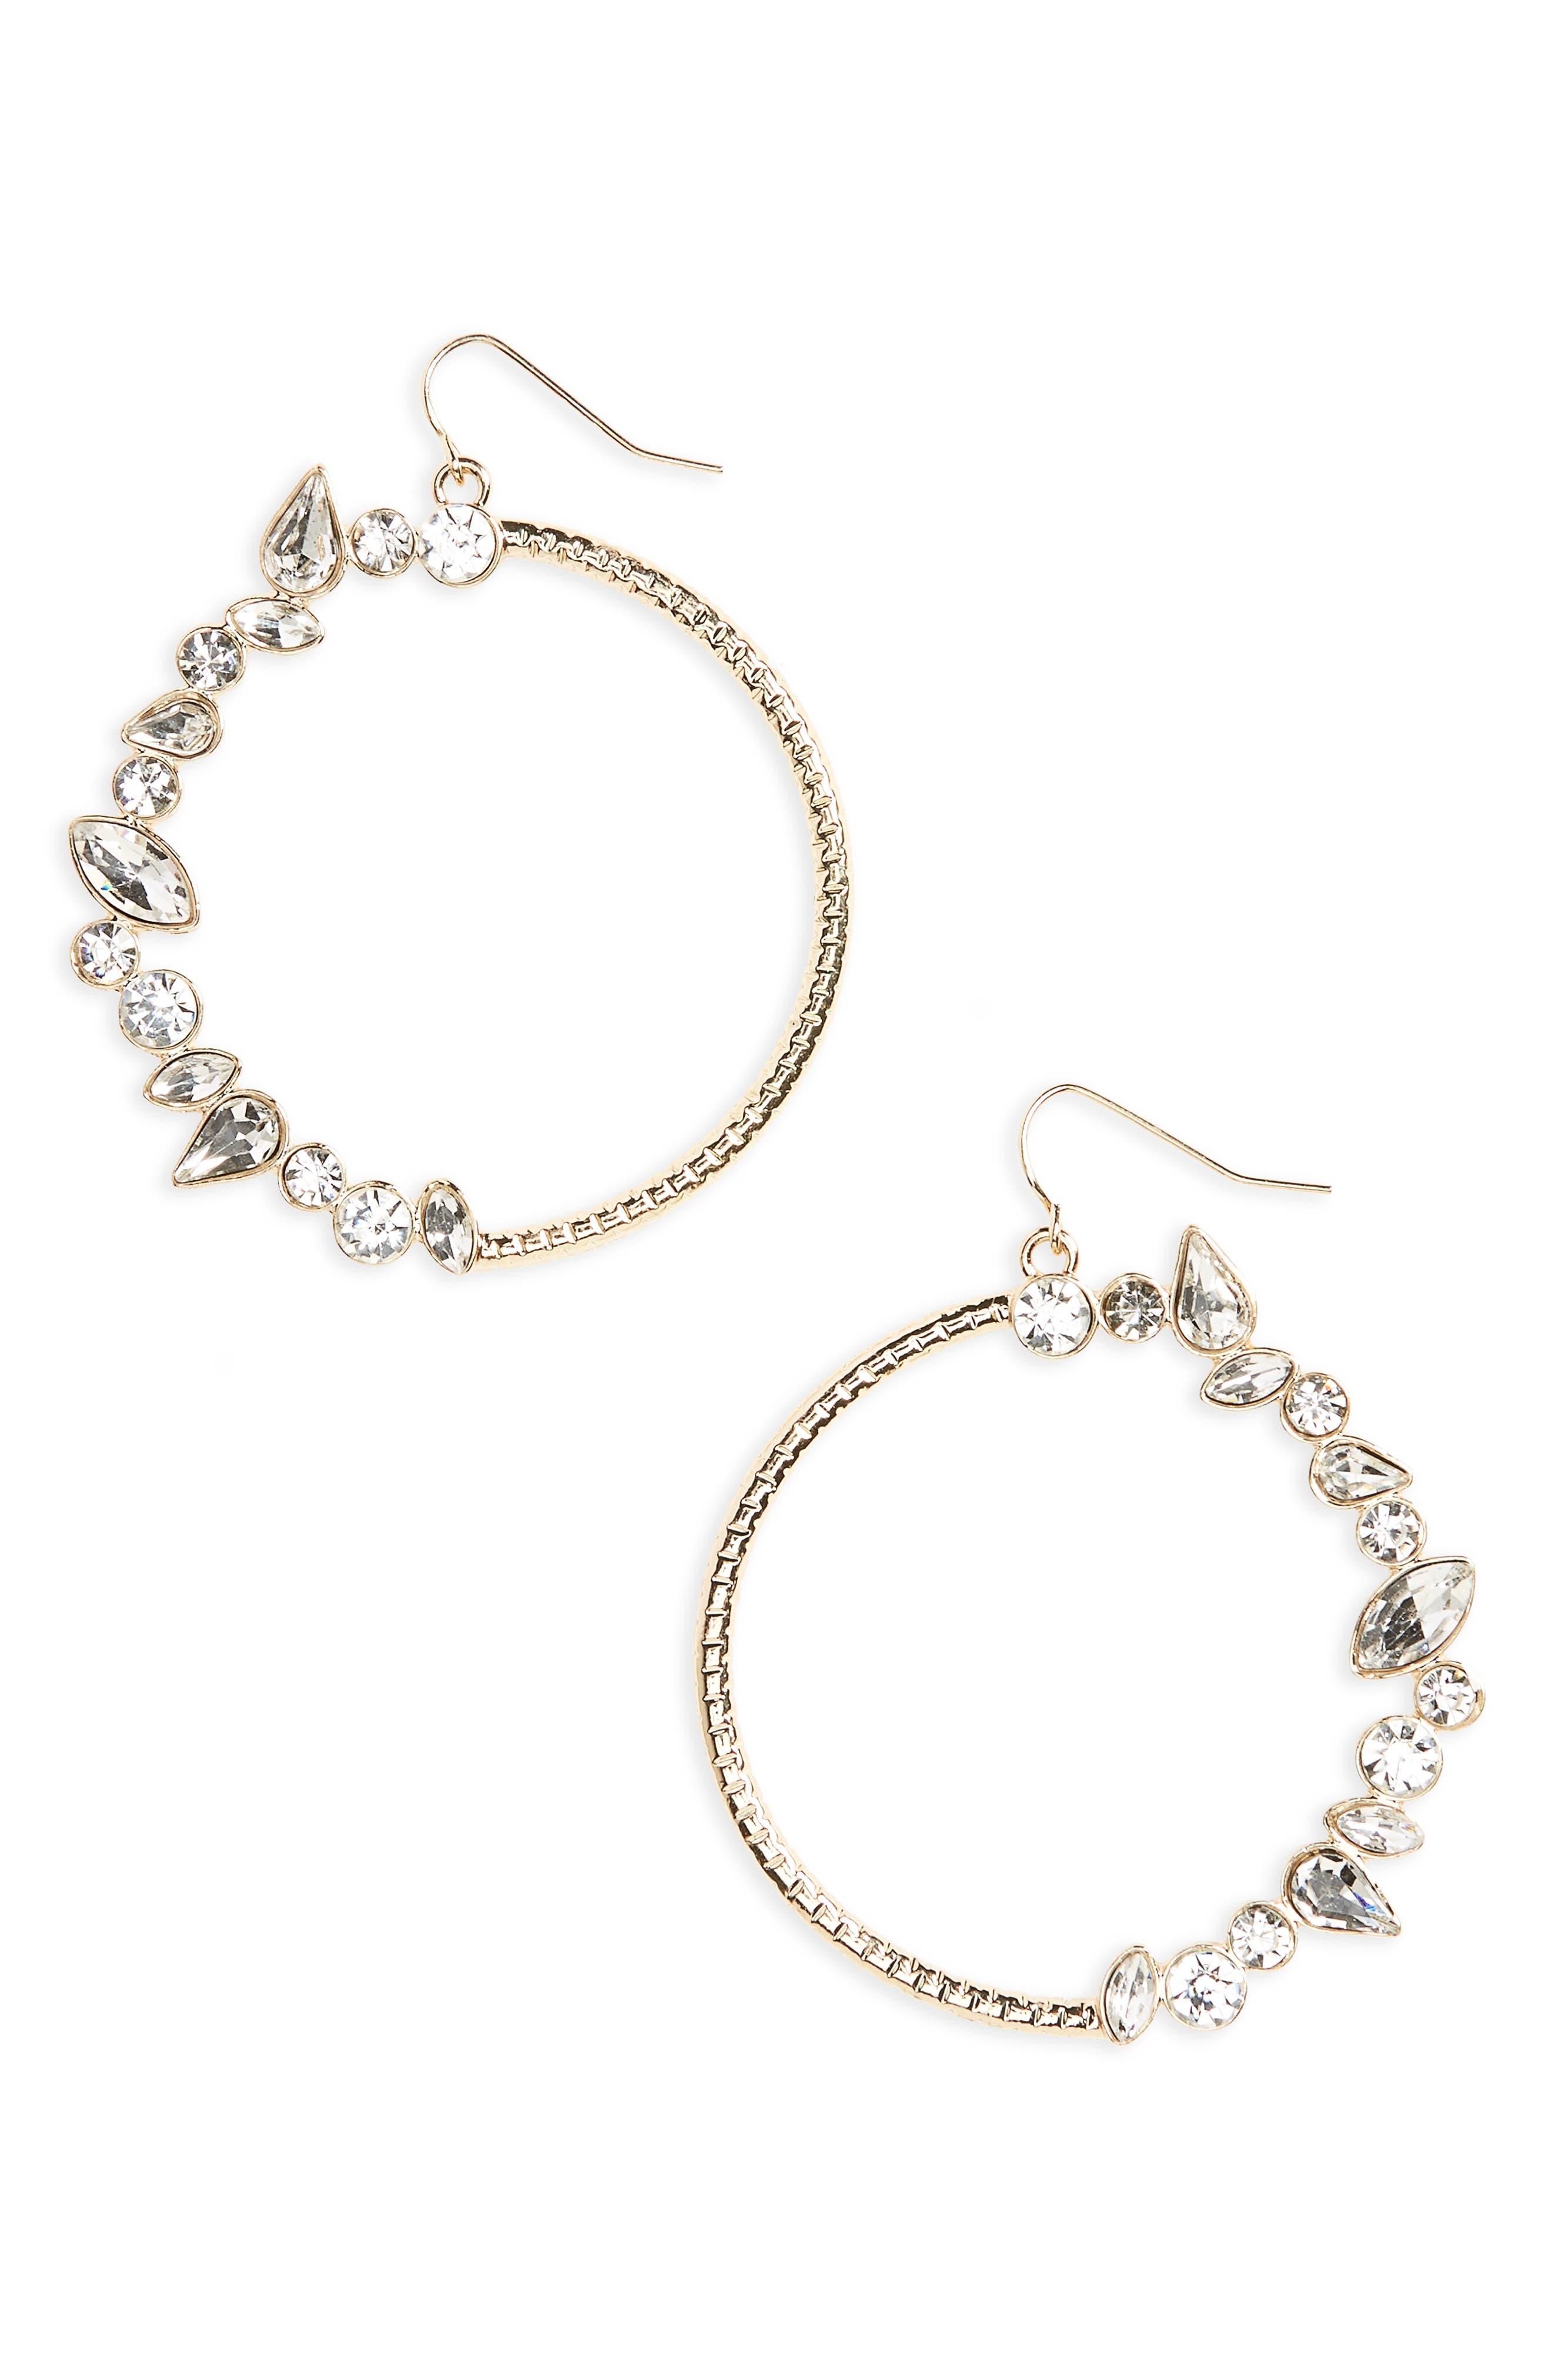 Natasha Crystal Hoop Earrings,                             Main thumbnail 1, color,                             710